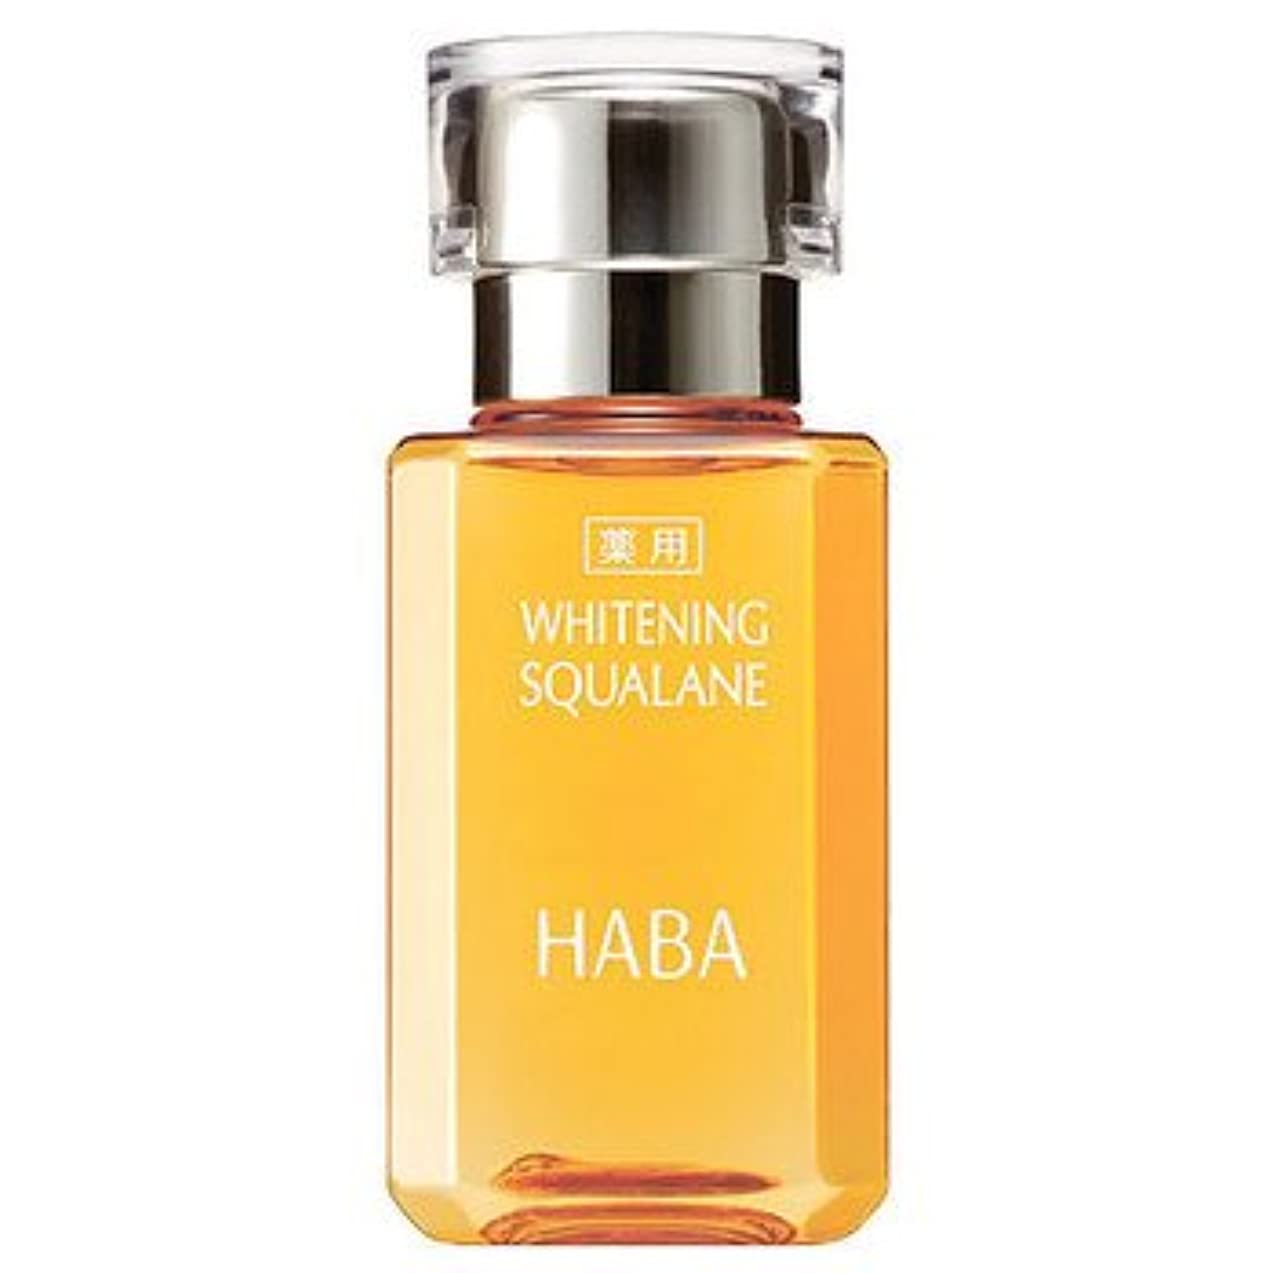 バナー離れて苦HABA ハーバー 薬用ホワイトニングスクワラン 30ml フェイスオイル (医薬部外品) [並行輸入品]